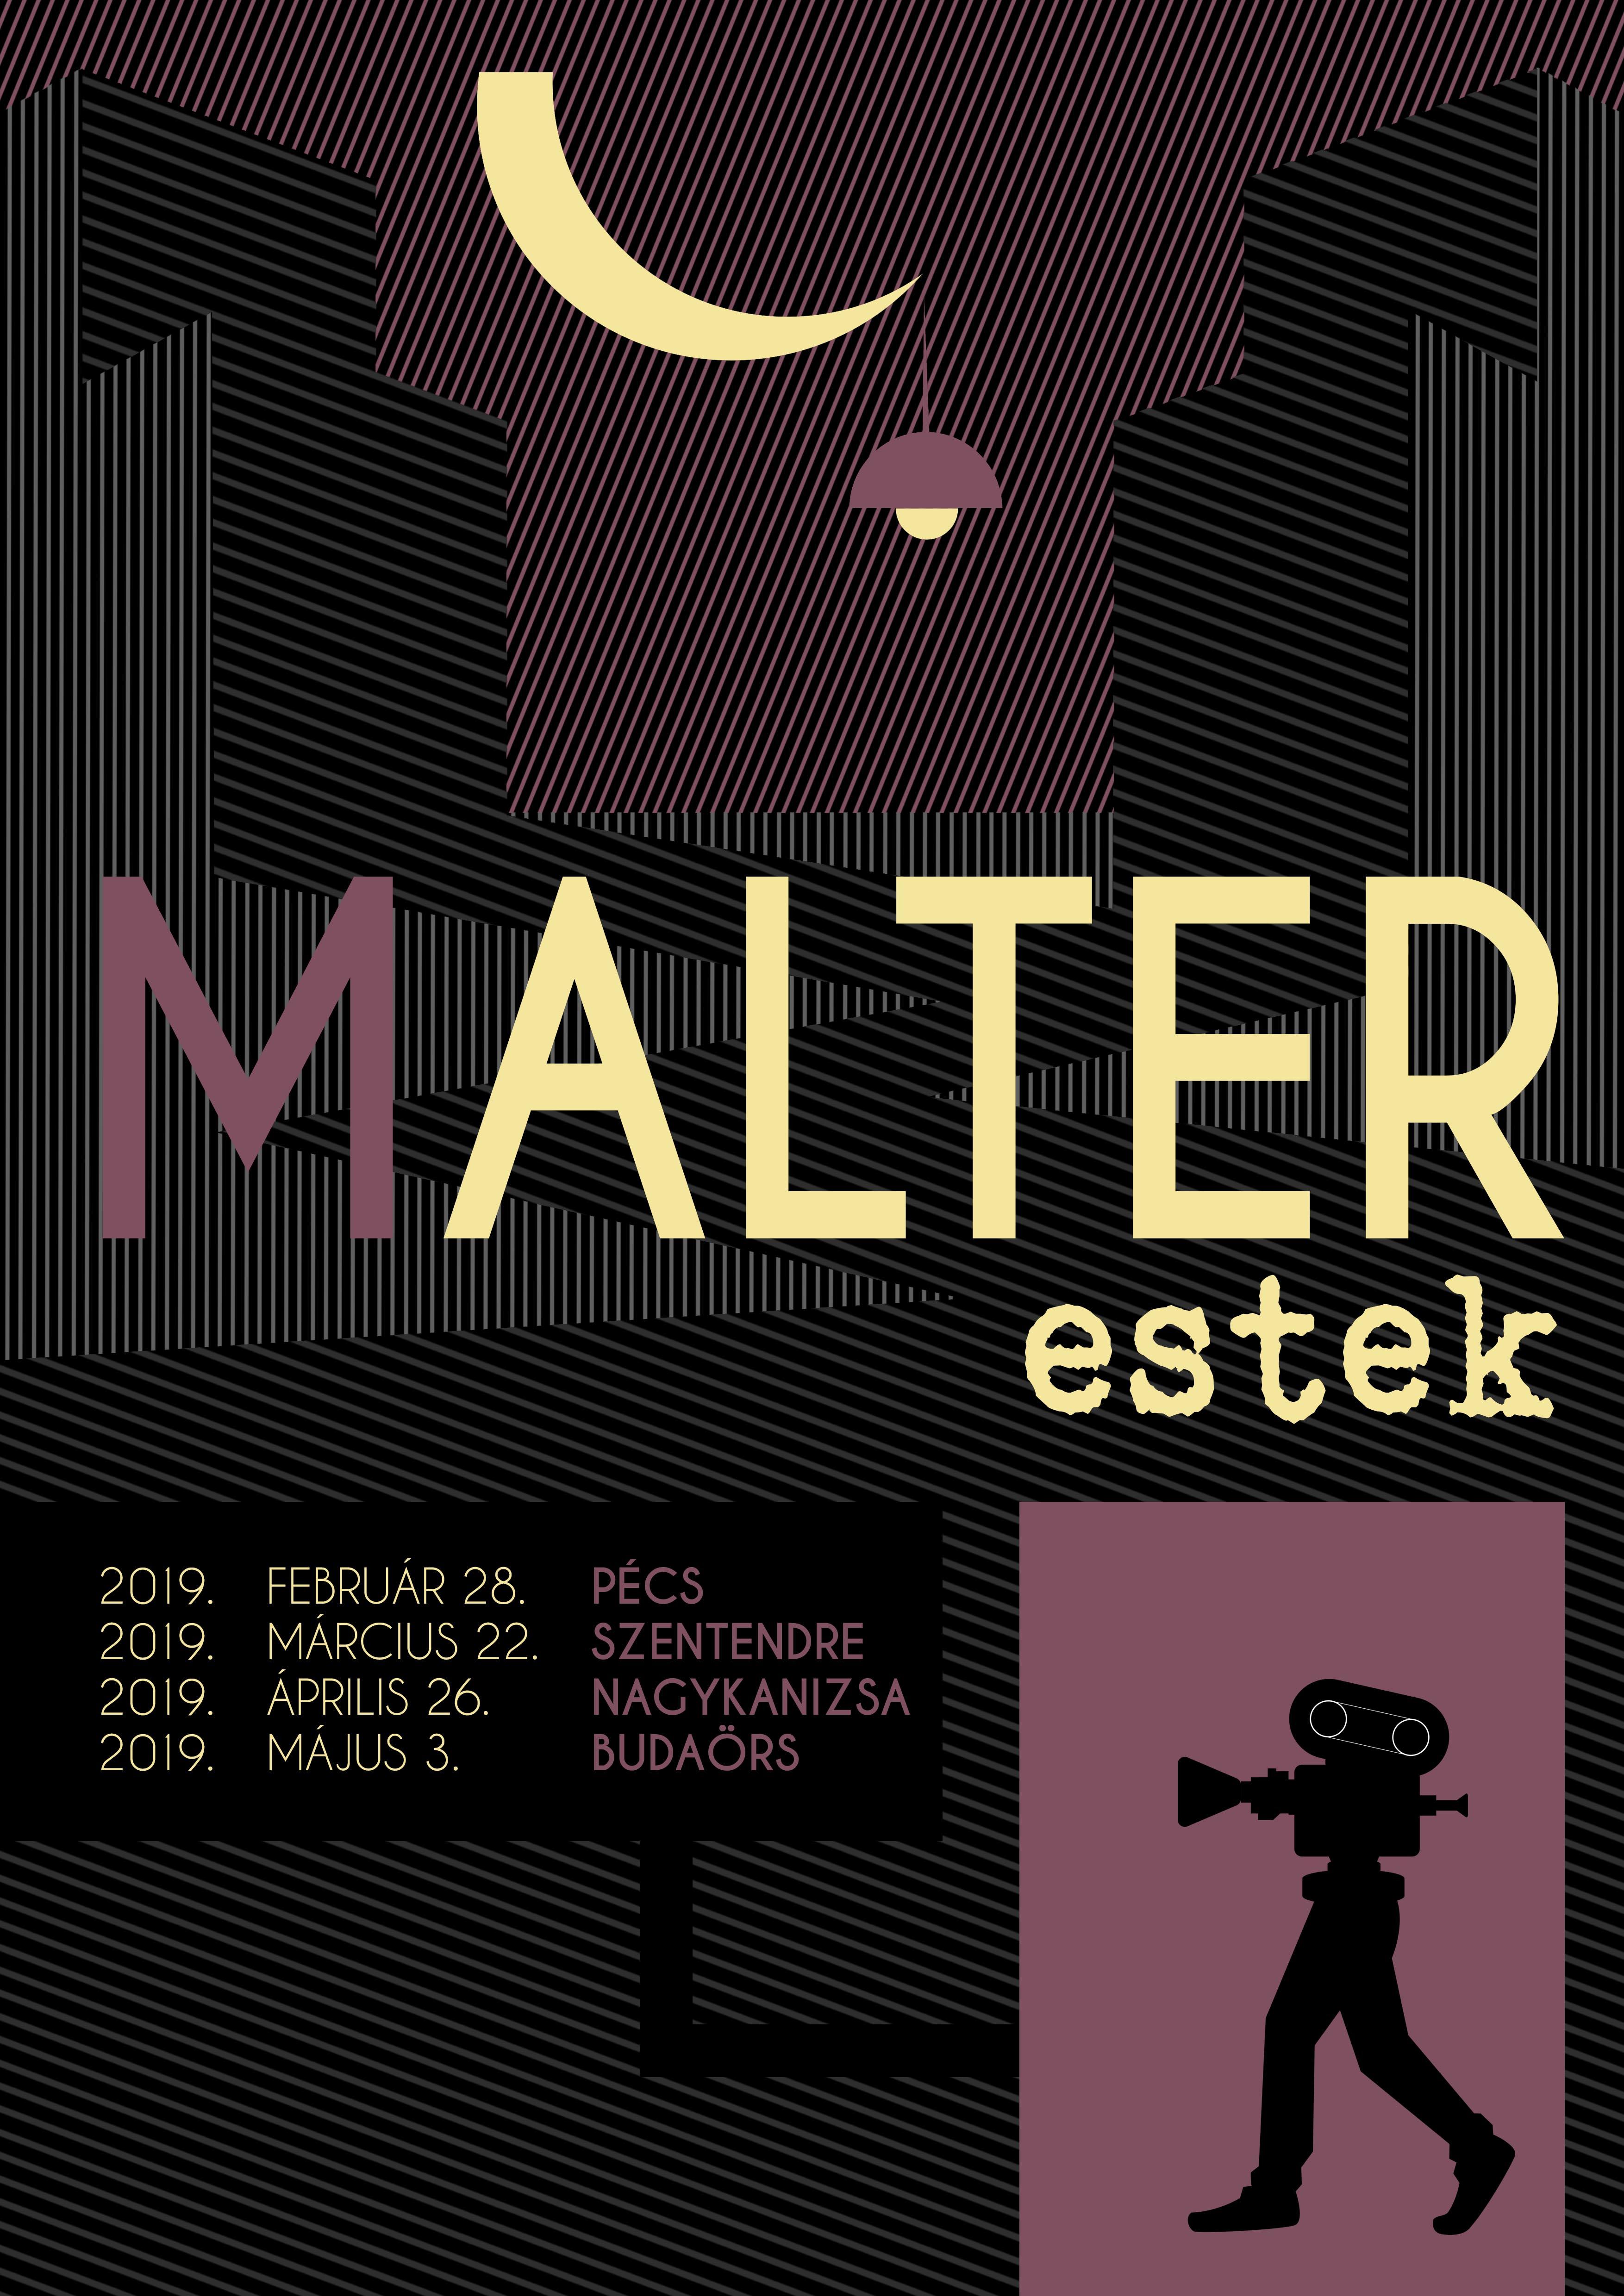 malter_estek_plakat_01.jpg